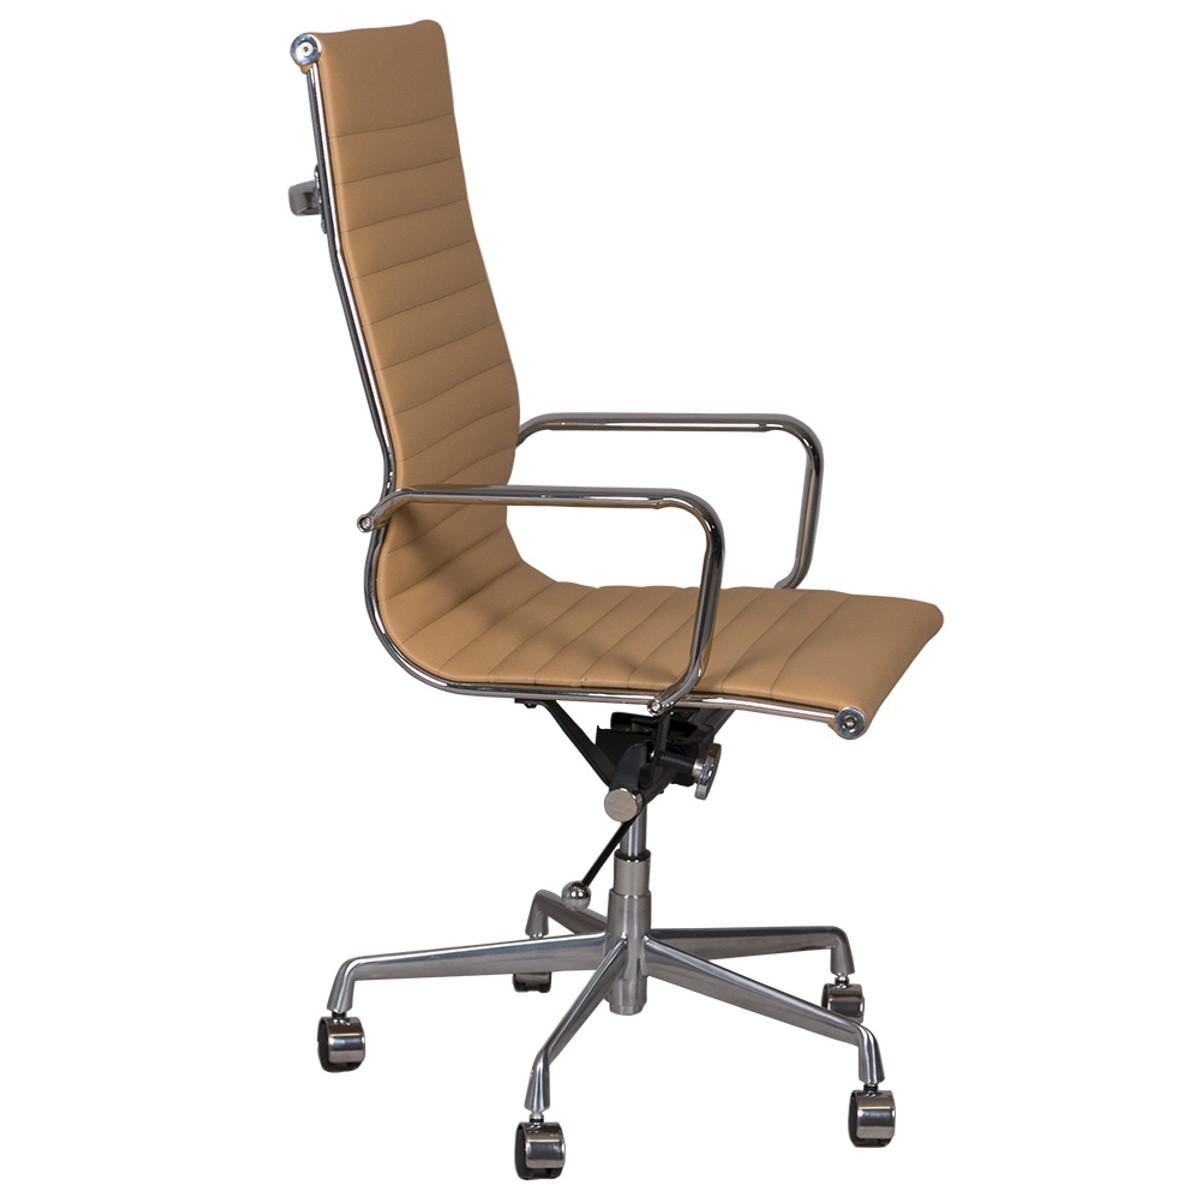 replica eames group standard aluminium chair cf. Ethan Standard Office Chair, Brown Replica Eames Group Aluminium Chair Cf N